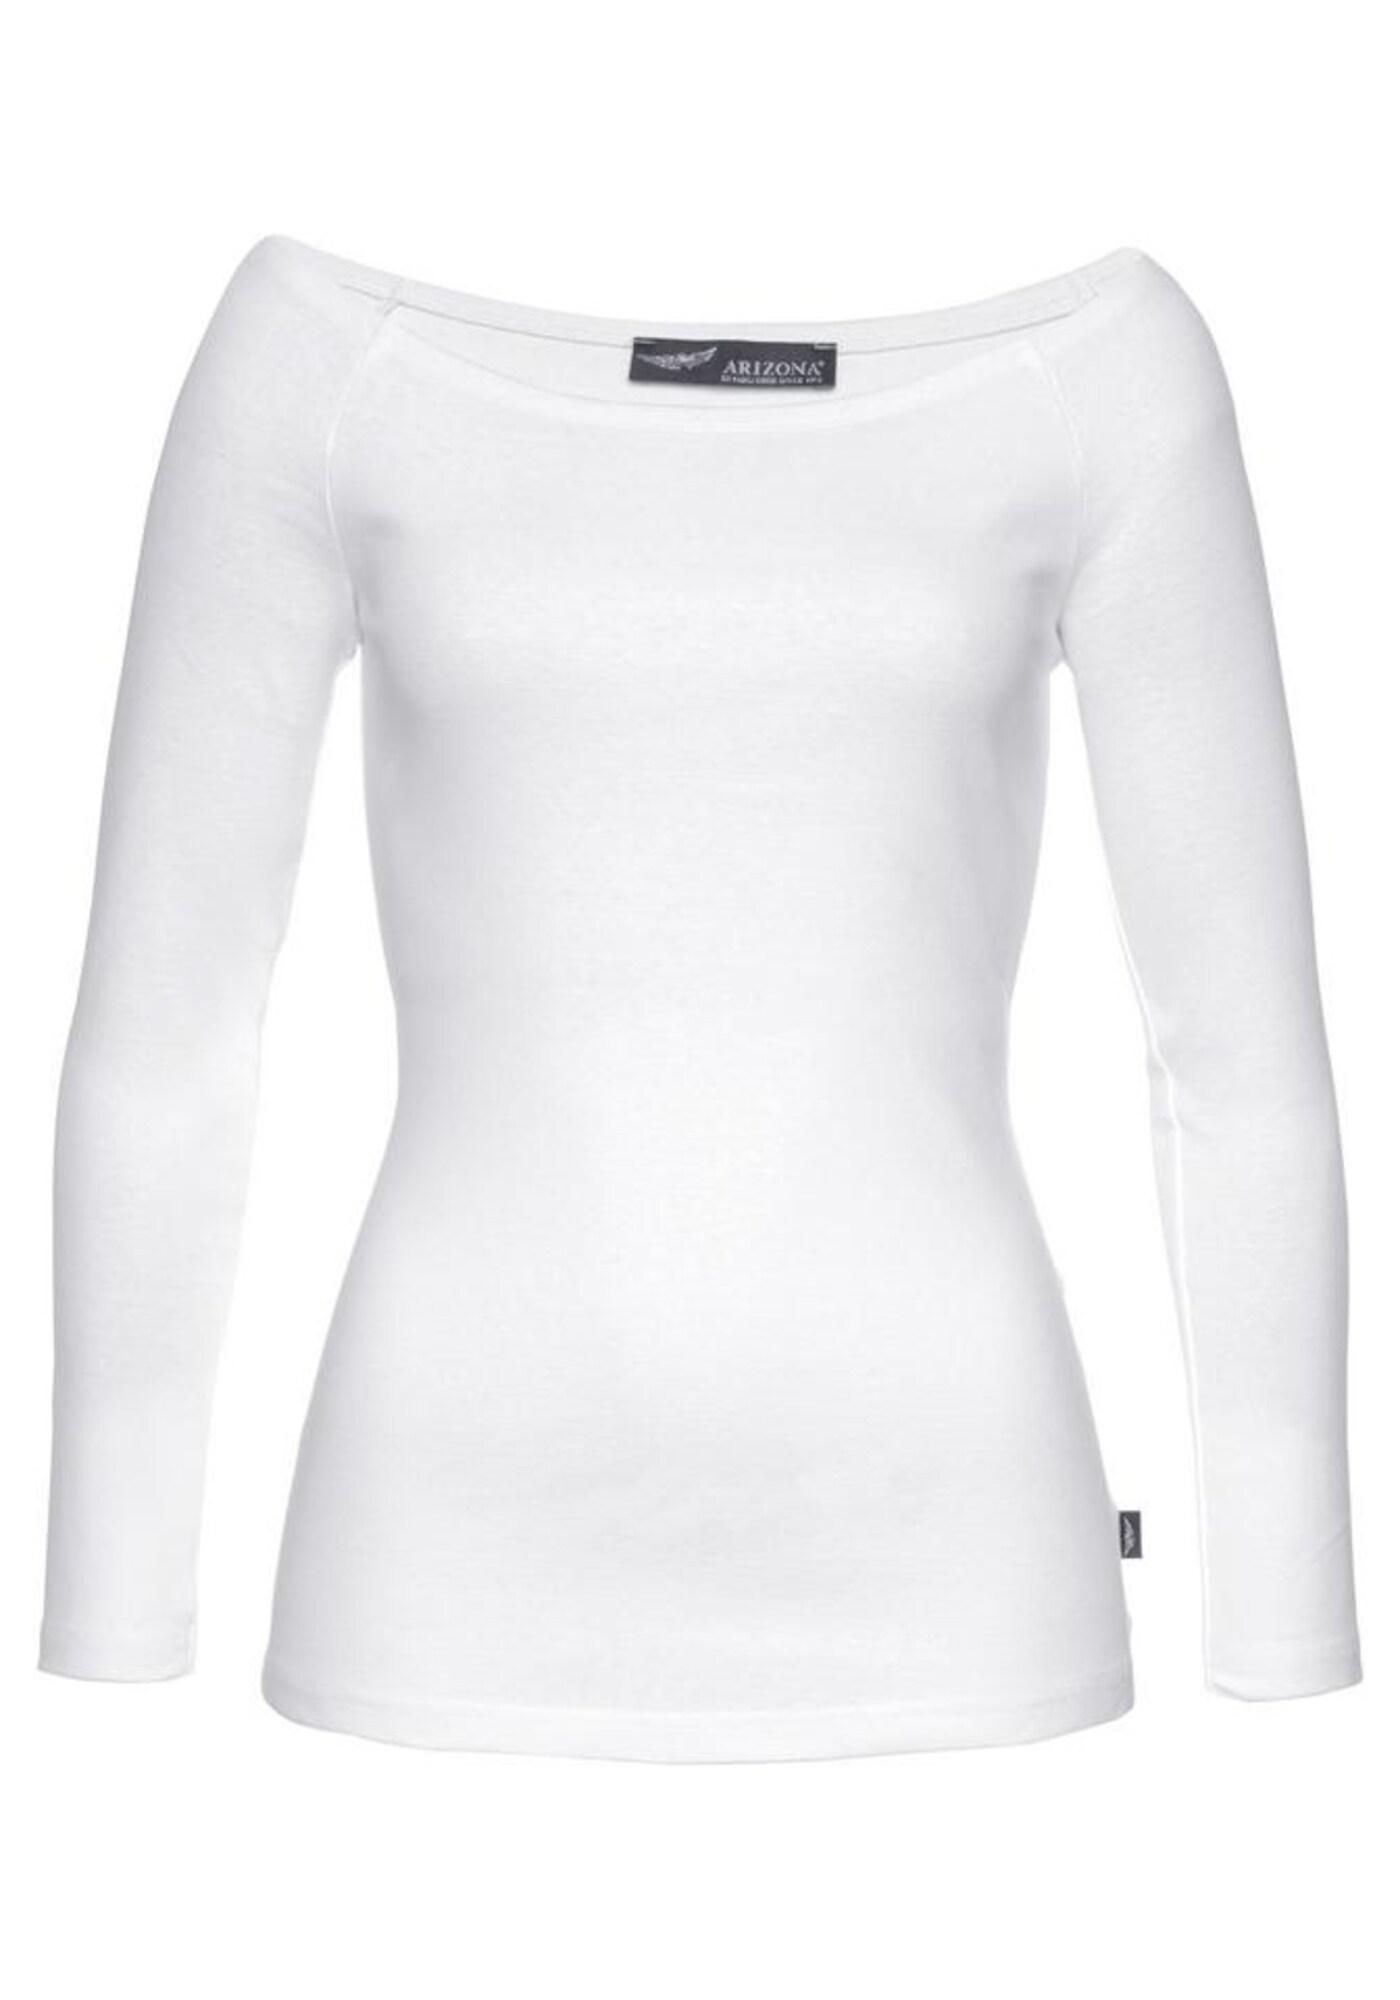 Carmenshirt | Bekleidung > Shirts > Carmenshirts & Wasserfallshirts | ARIZONA